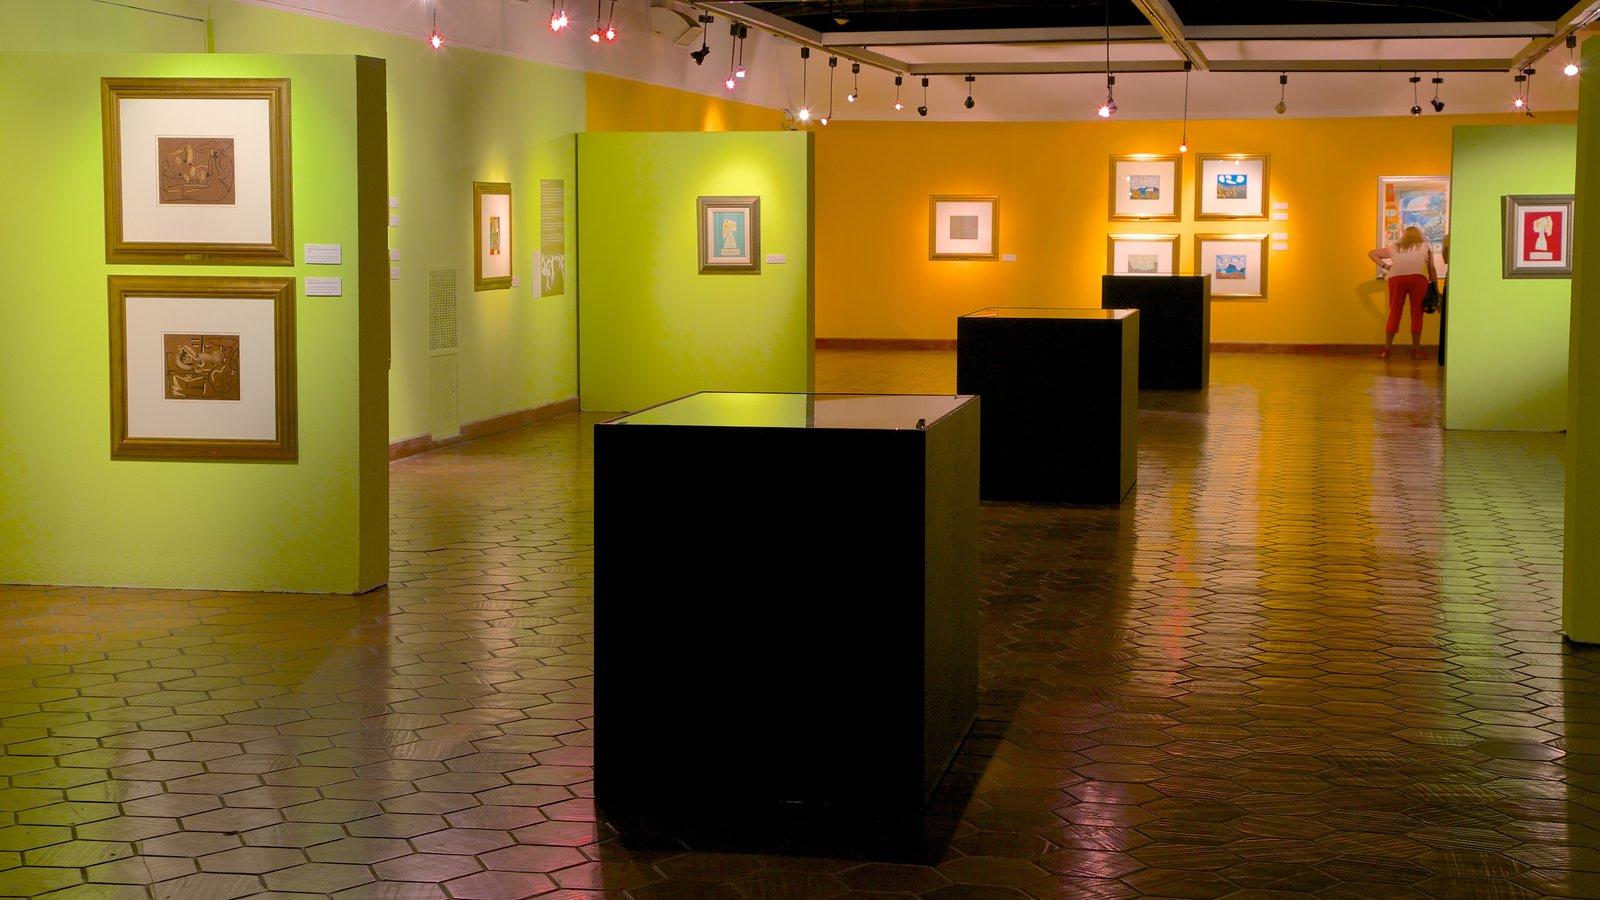 Museo de Arte Moderno caracterizando arte e vistas internas